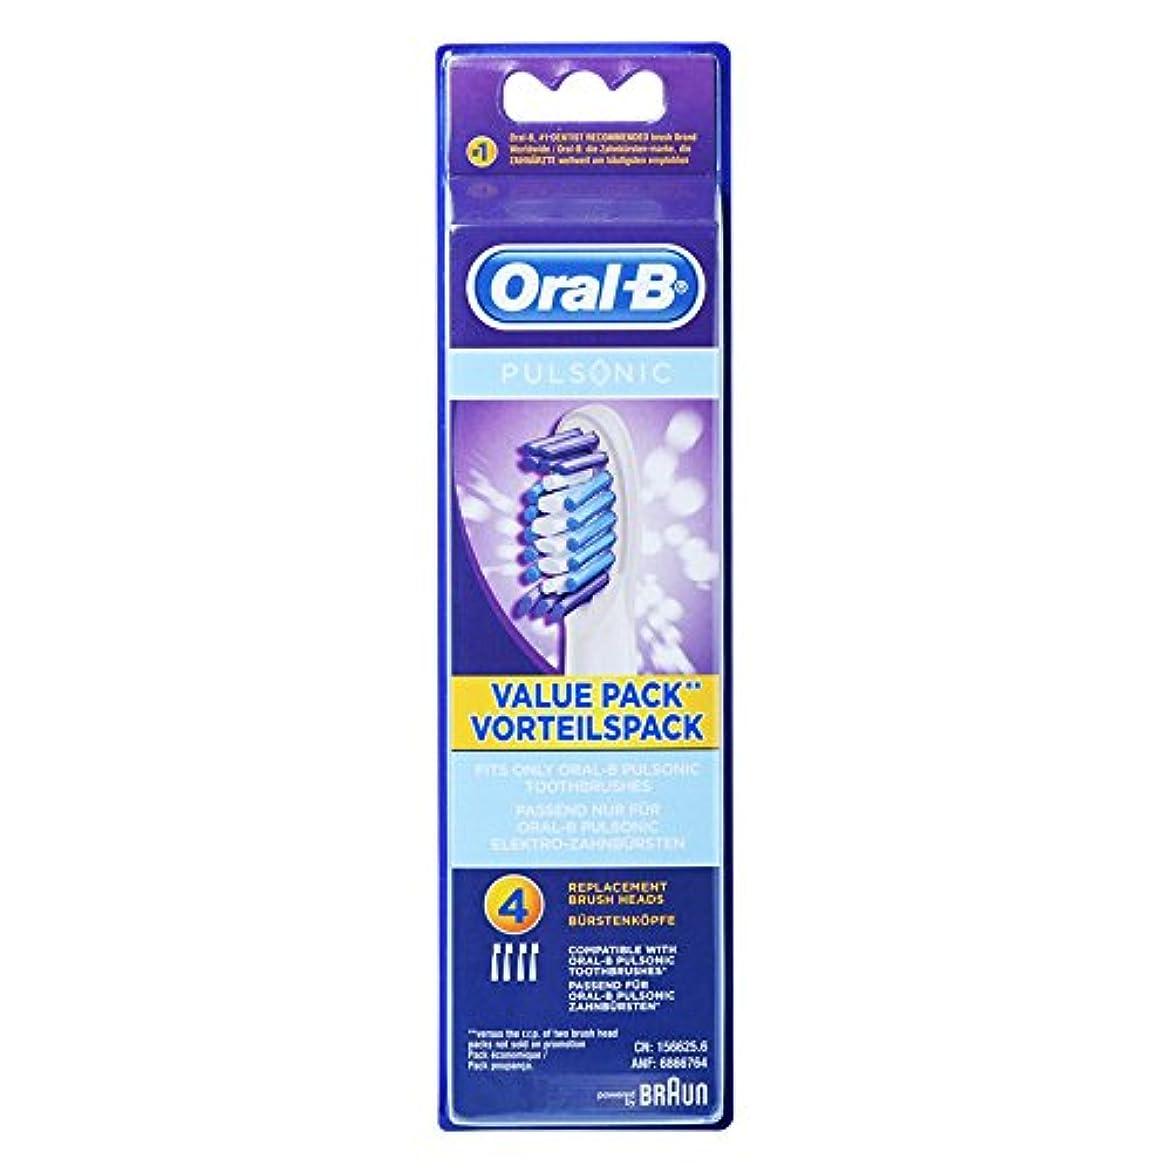 セッティングの前で不均一Braun Oral-B SR32-4 Pulsonic Value Pack 交換用ブラシヘッド 1Pack [並行輸入品]